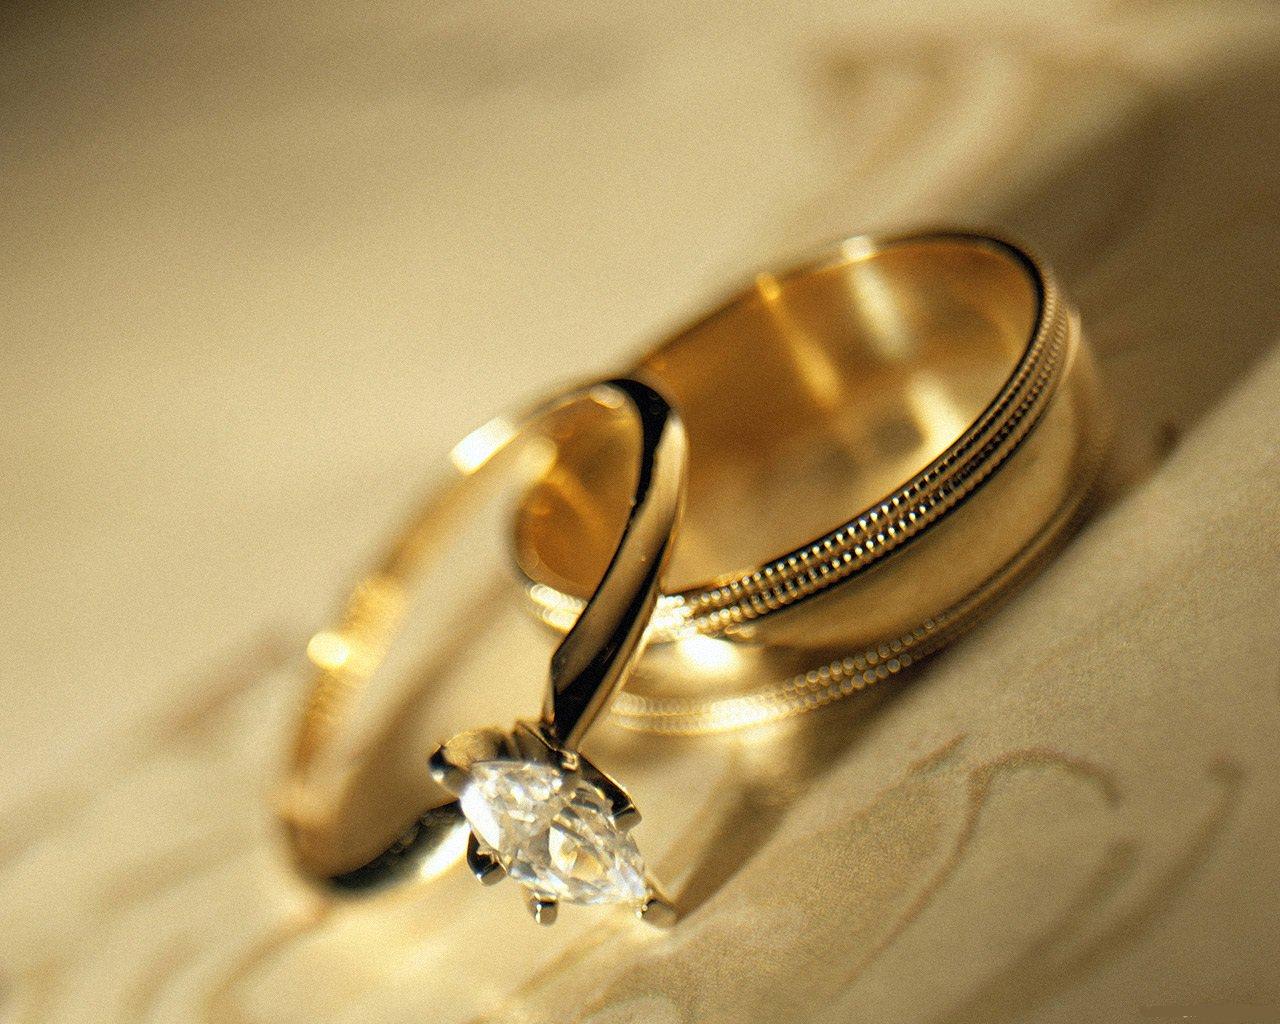 صور حلم خطوبة المتزوجة , تعرف على تفسير حلم الخطوبة في المنام للمتزوجة